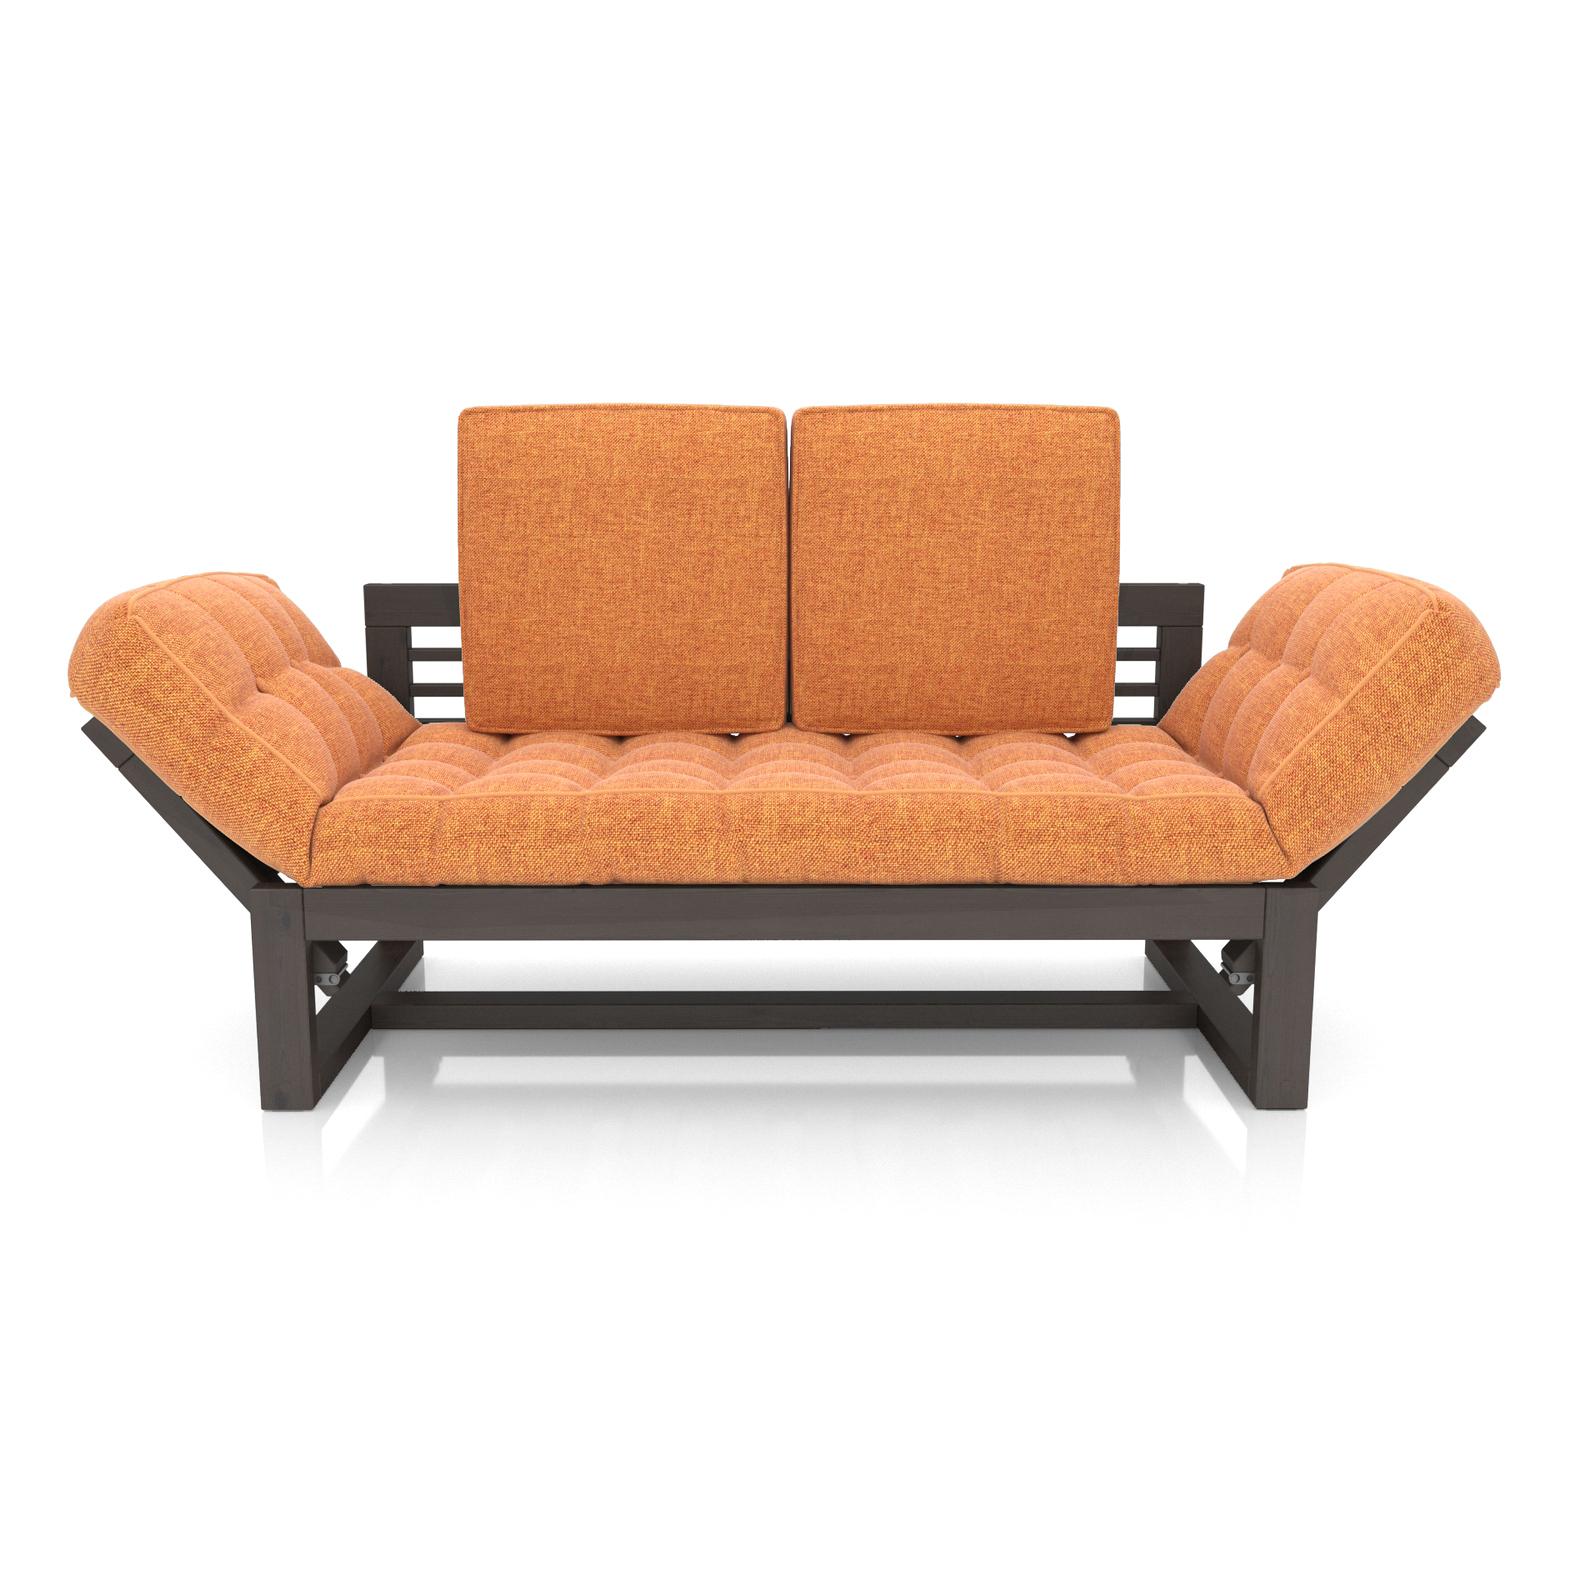 Кушетка AS Бекка 170x76x65 венге/оранжевый фото